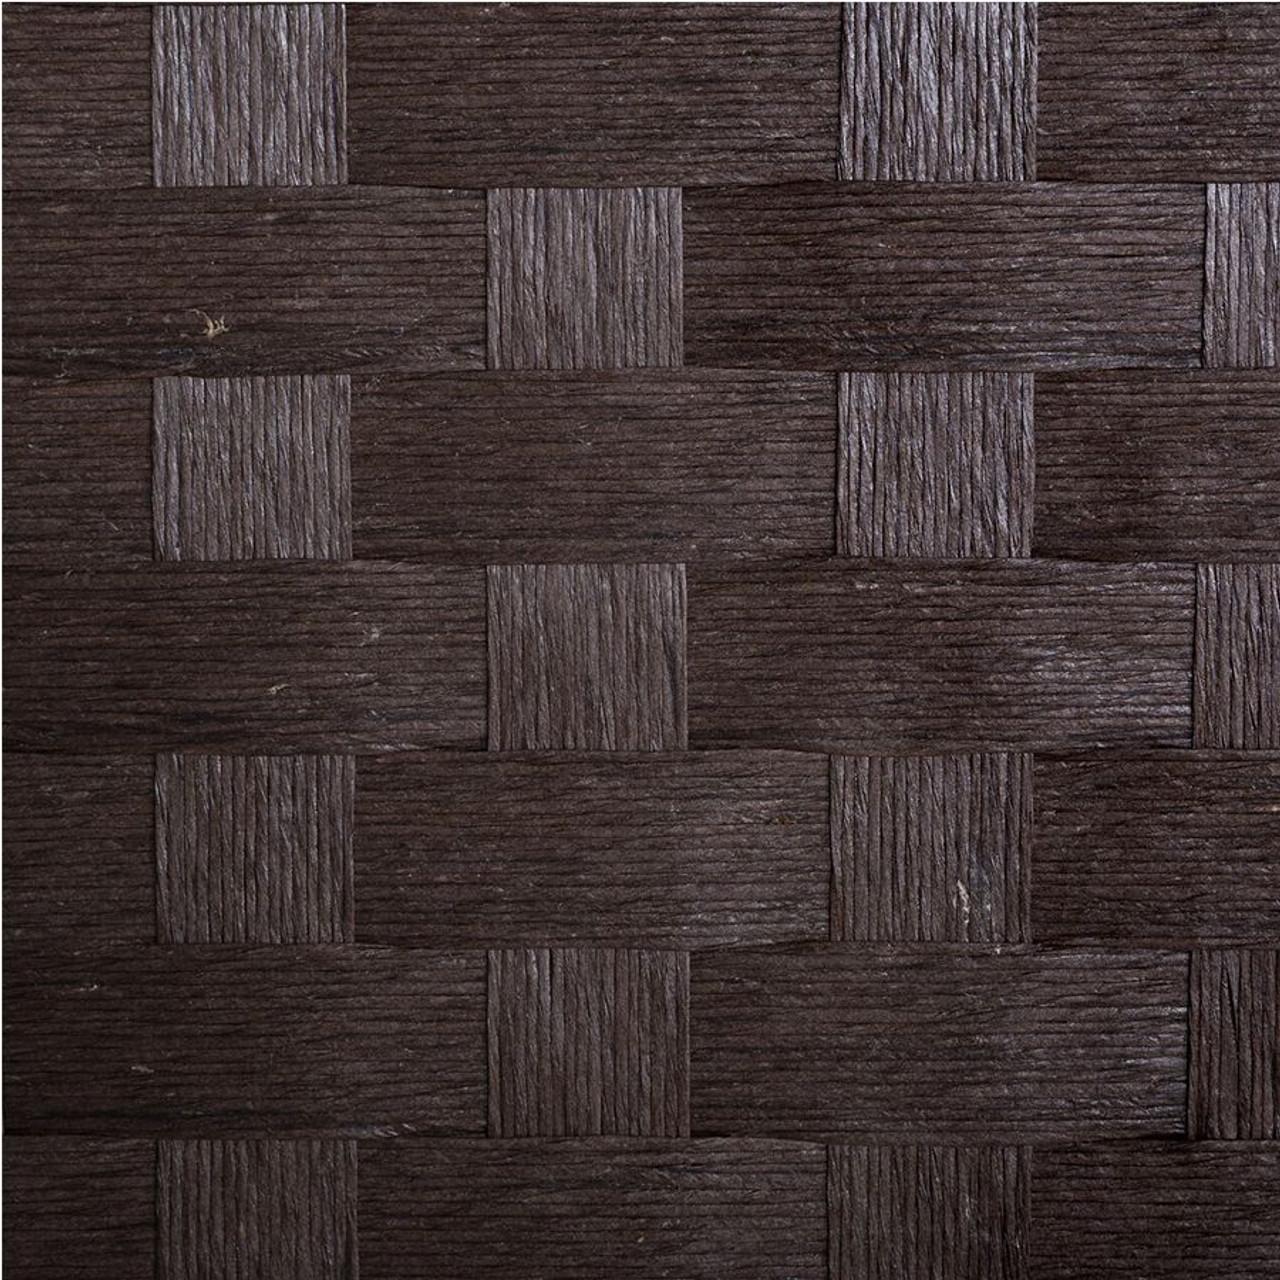 Room Divider 8 Panel Weave Design Fiber Brown Color